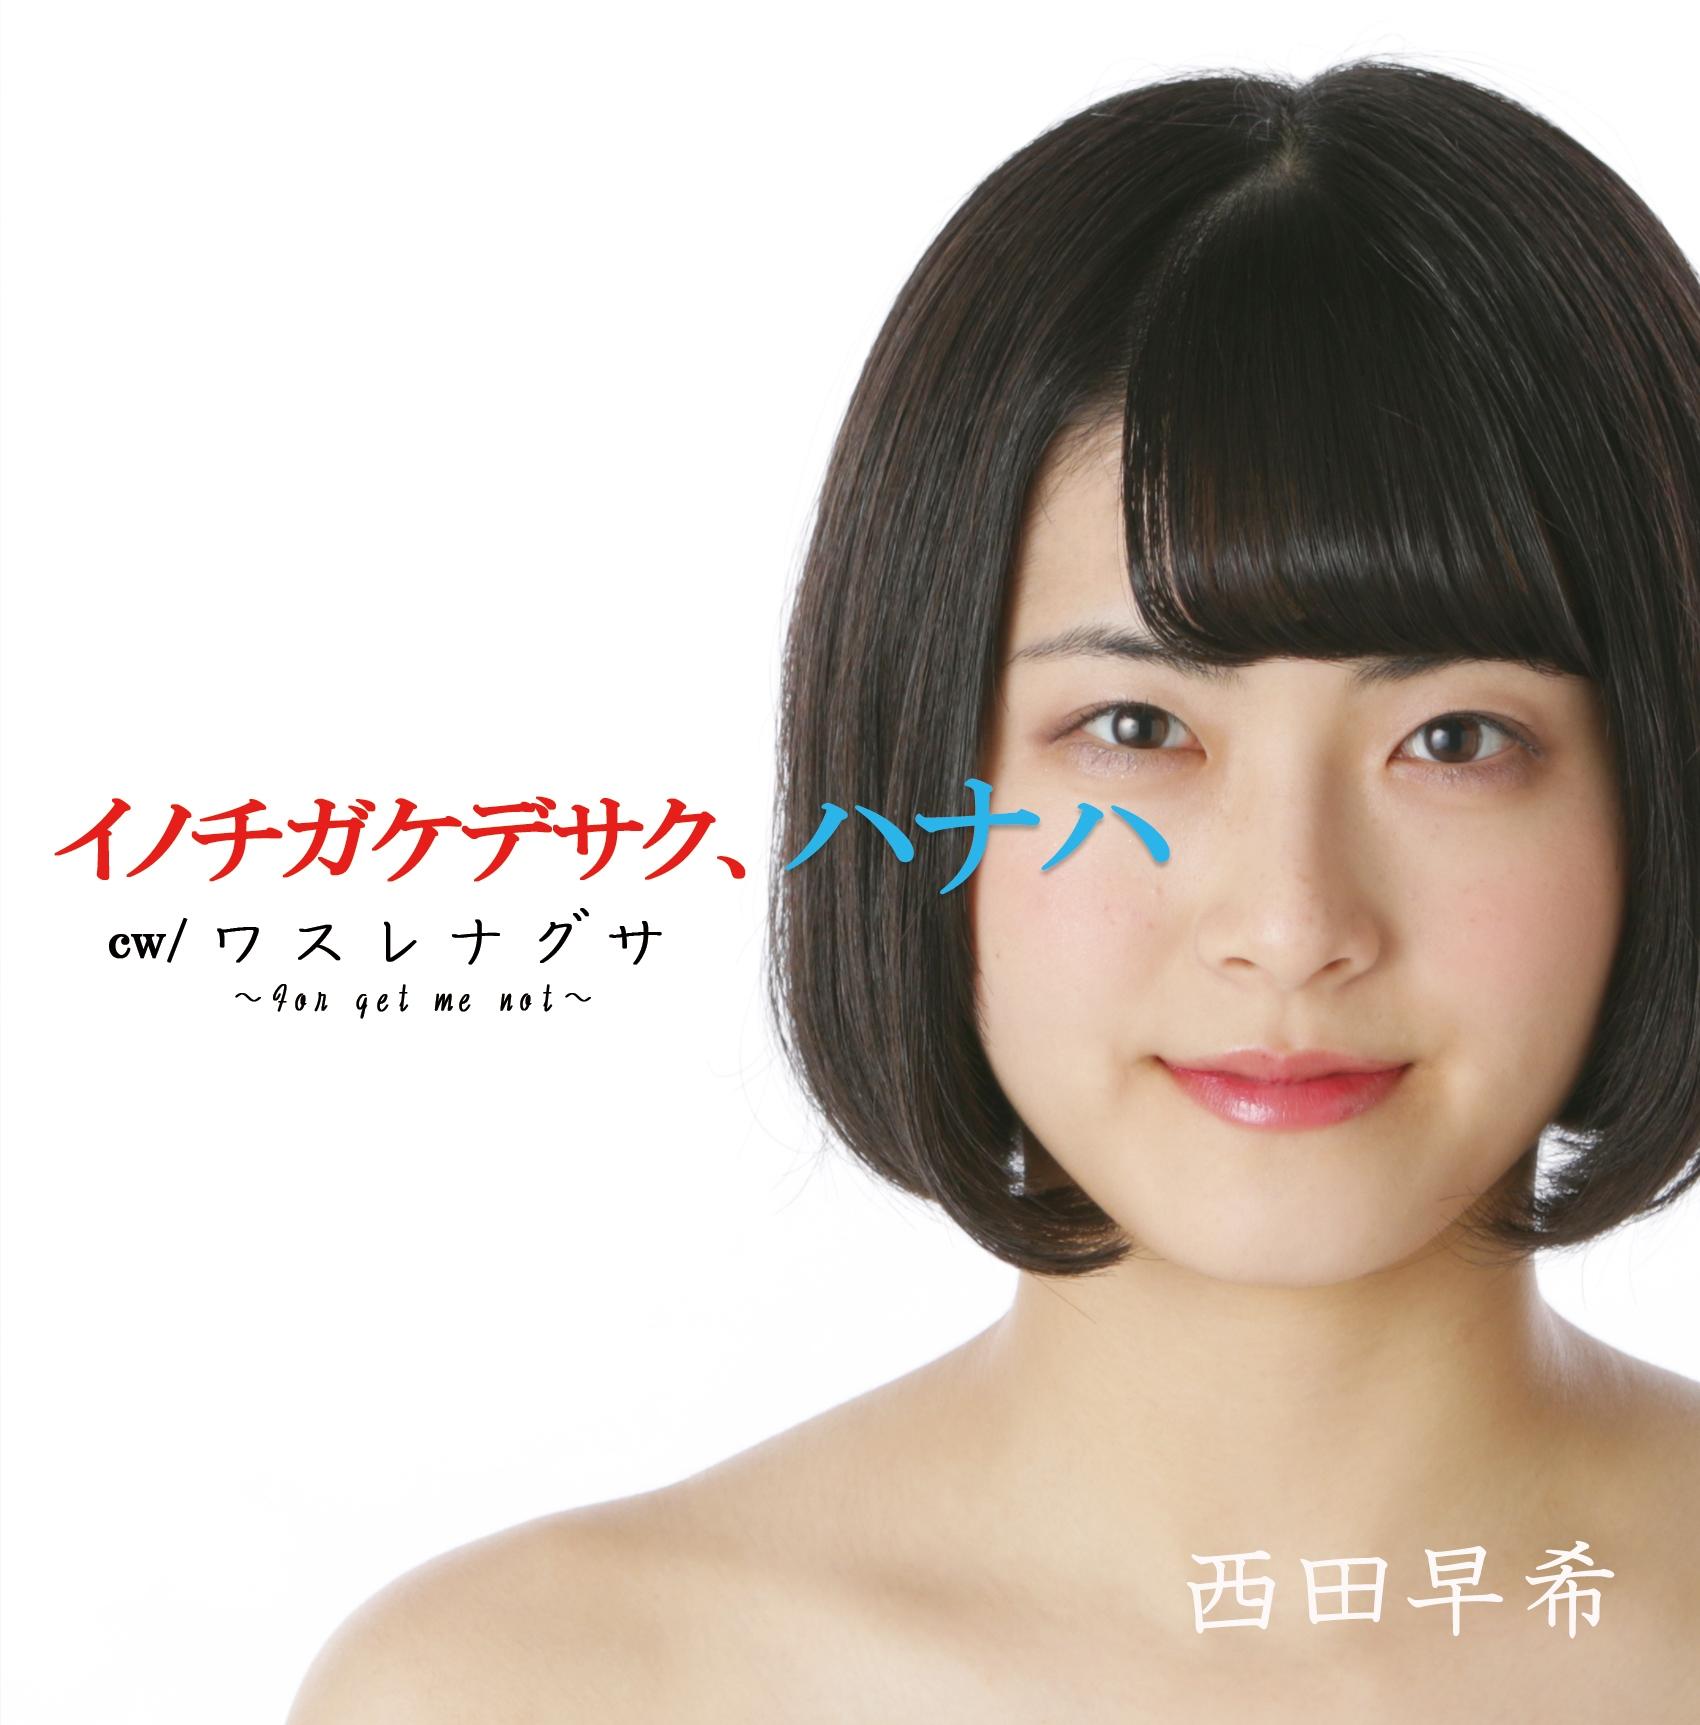 【西田早希】2nd Single「イノチガケデサク、ハナハ」音源不備CDと良品交換について